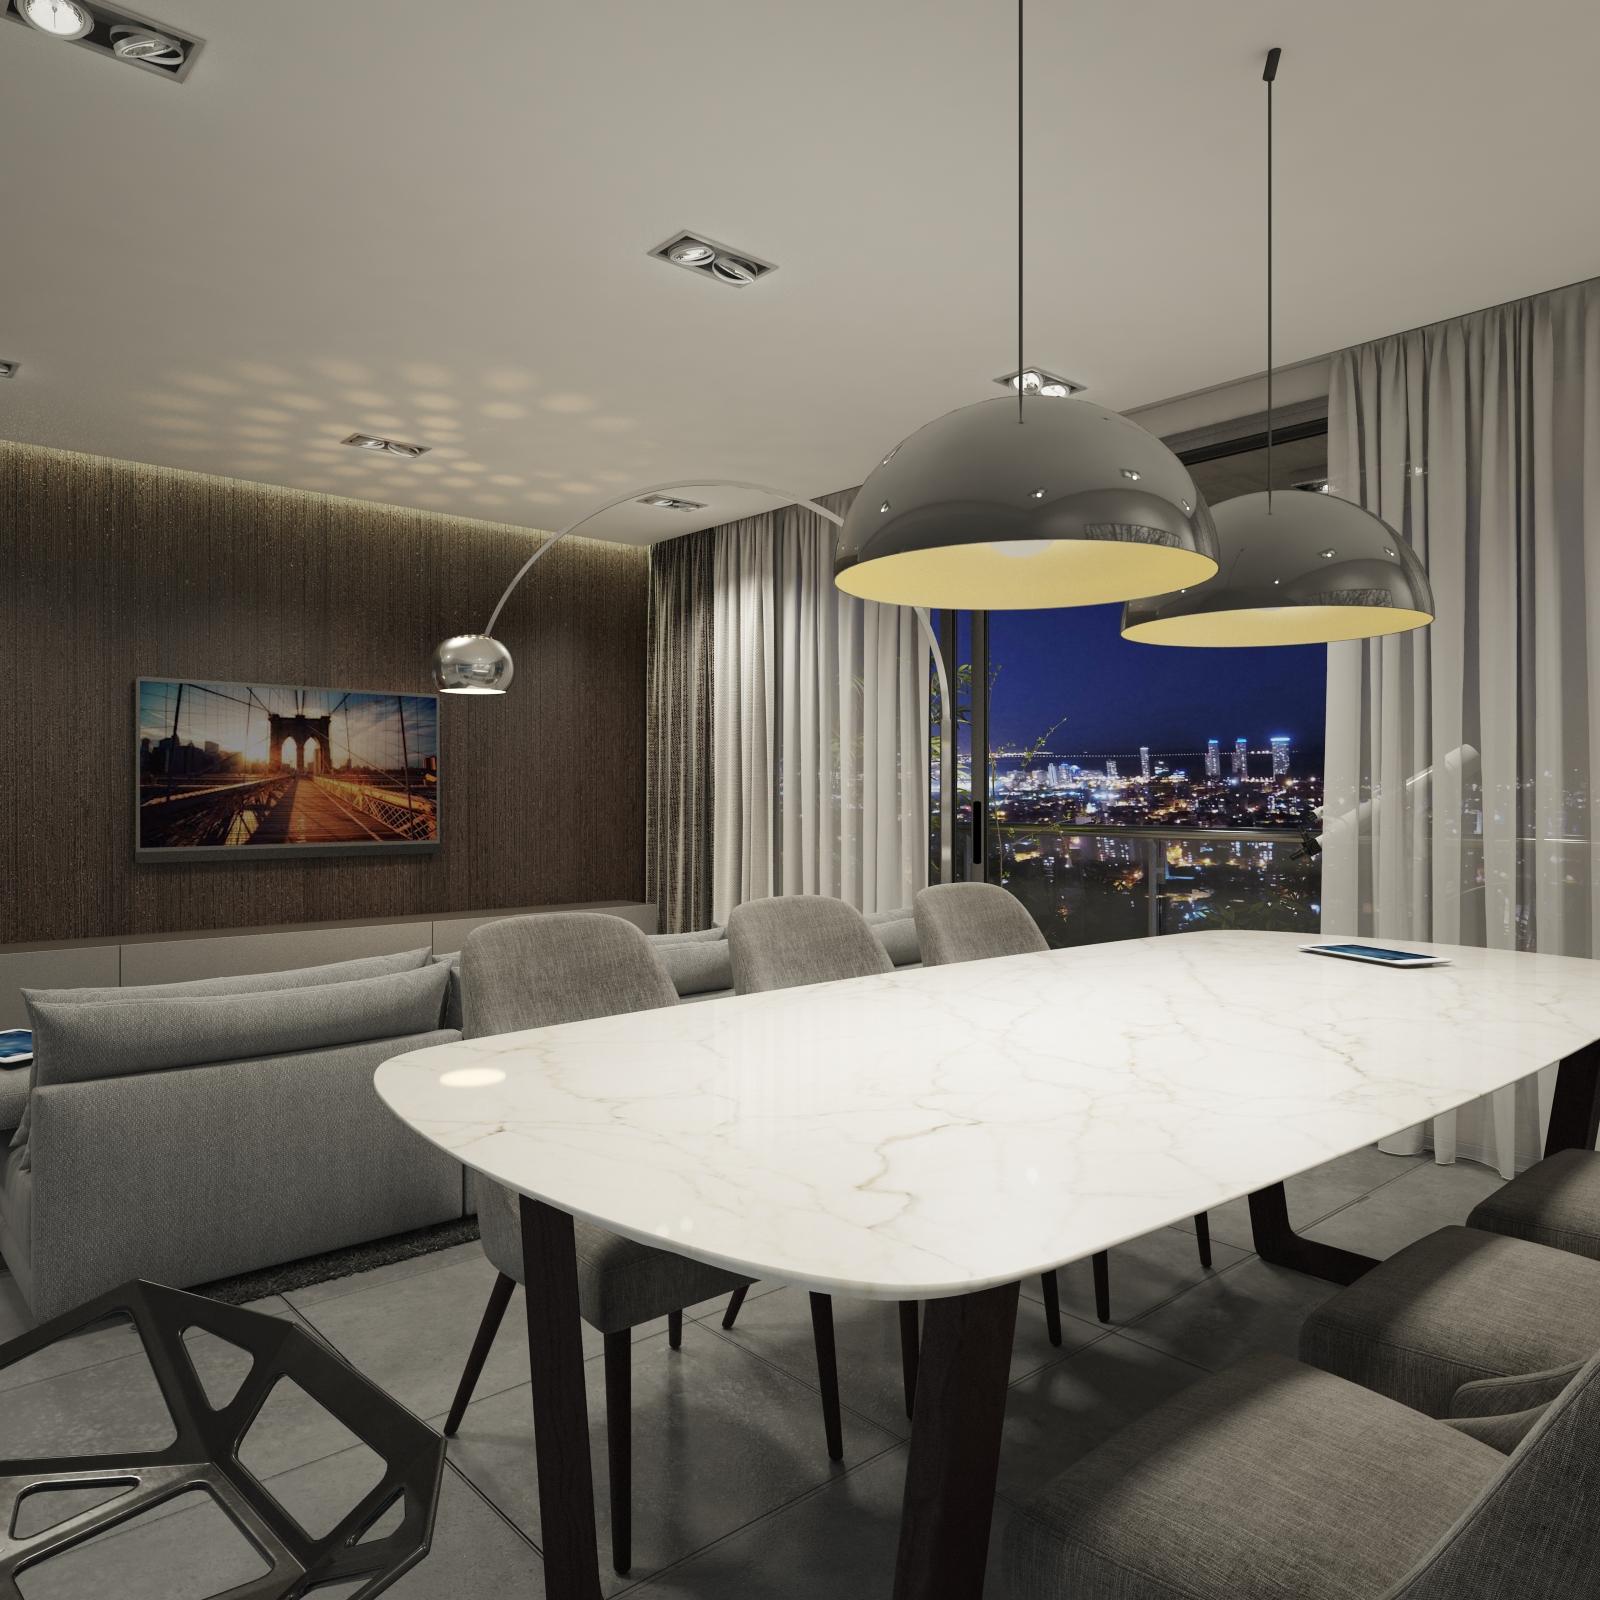 2019 03 20 jauke tucuman interiores piso tipo0002